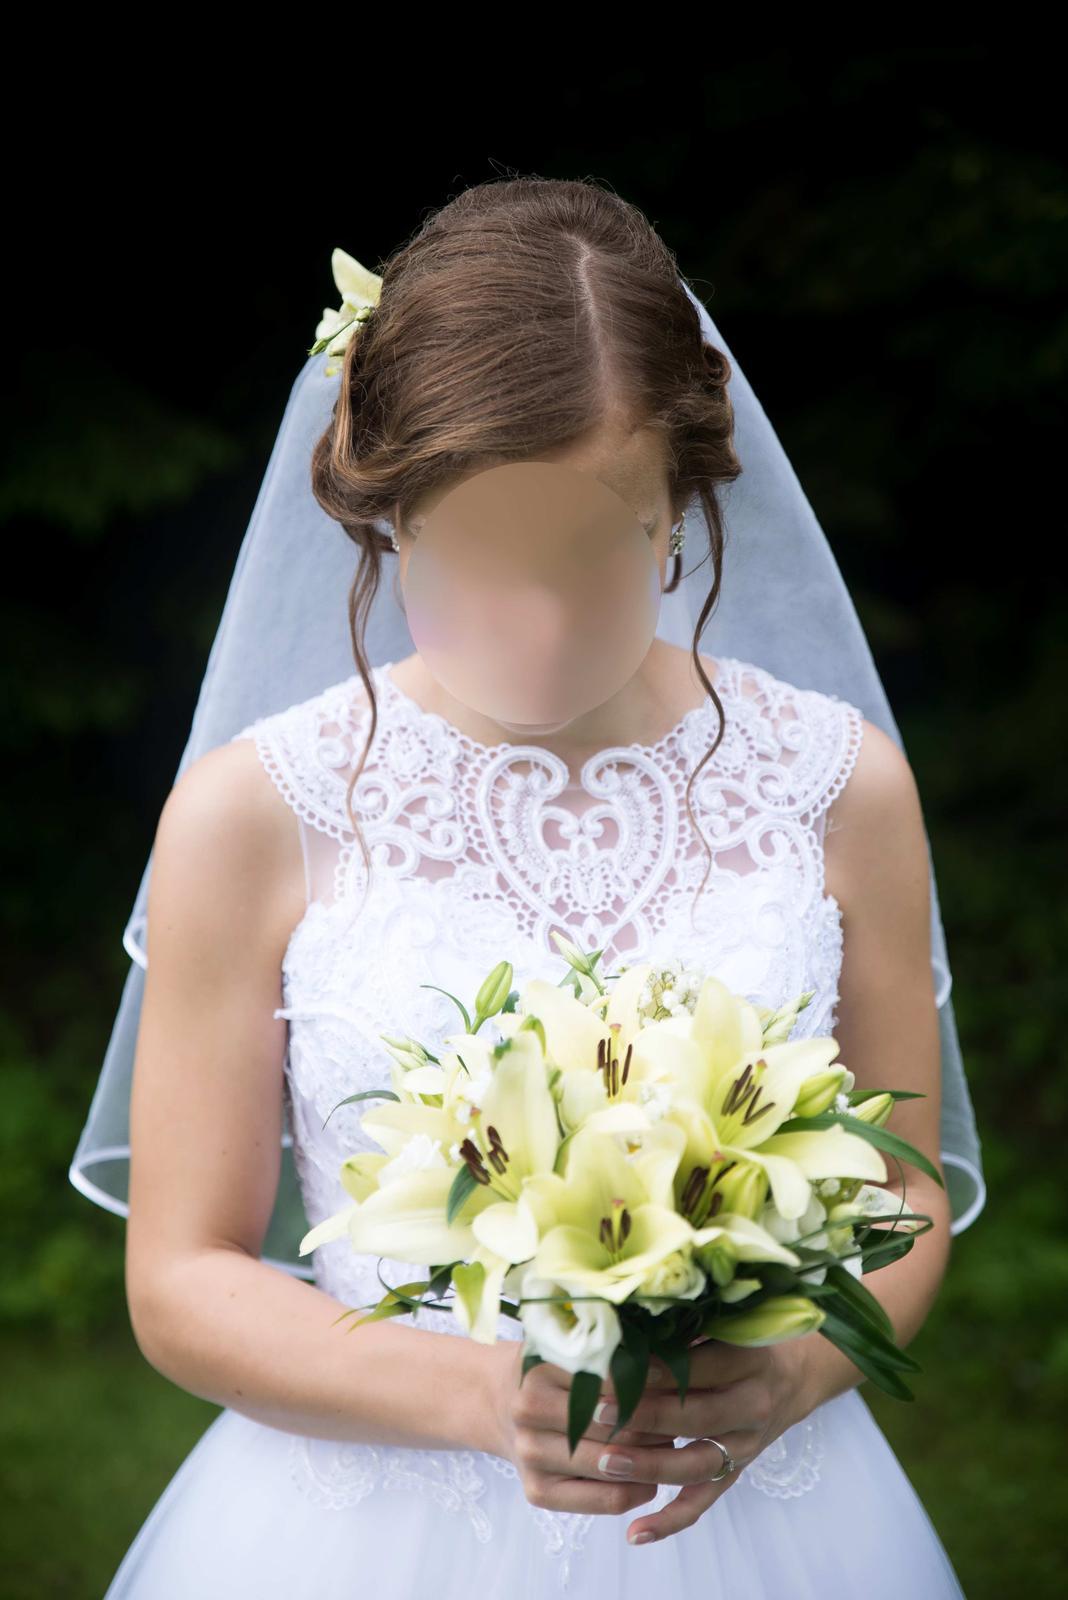 Svadobné šaty 36-38 - Obrázok č. 1